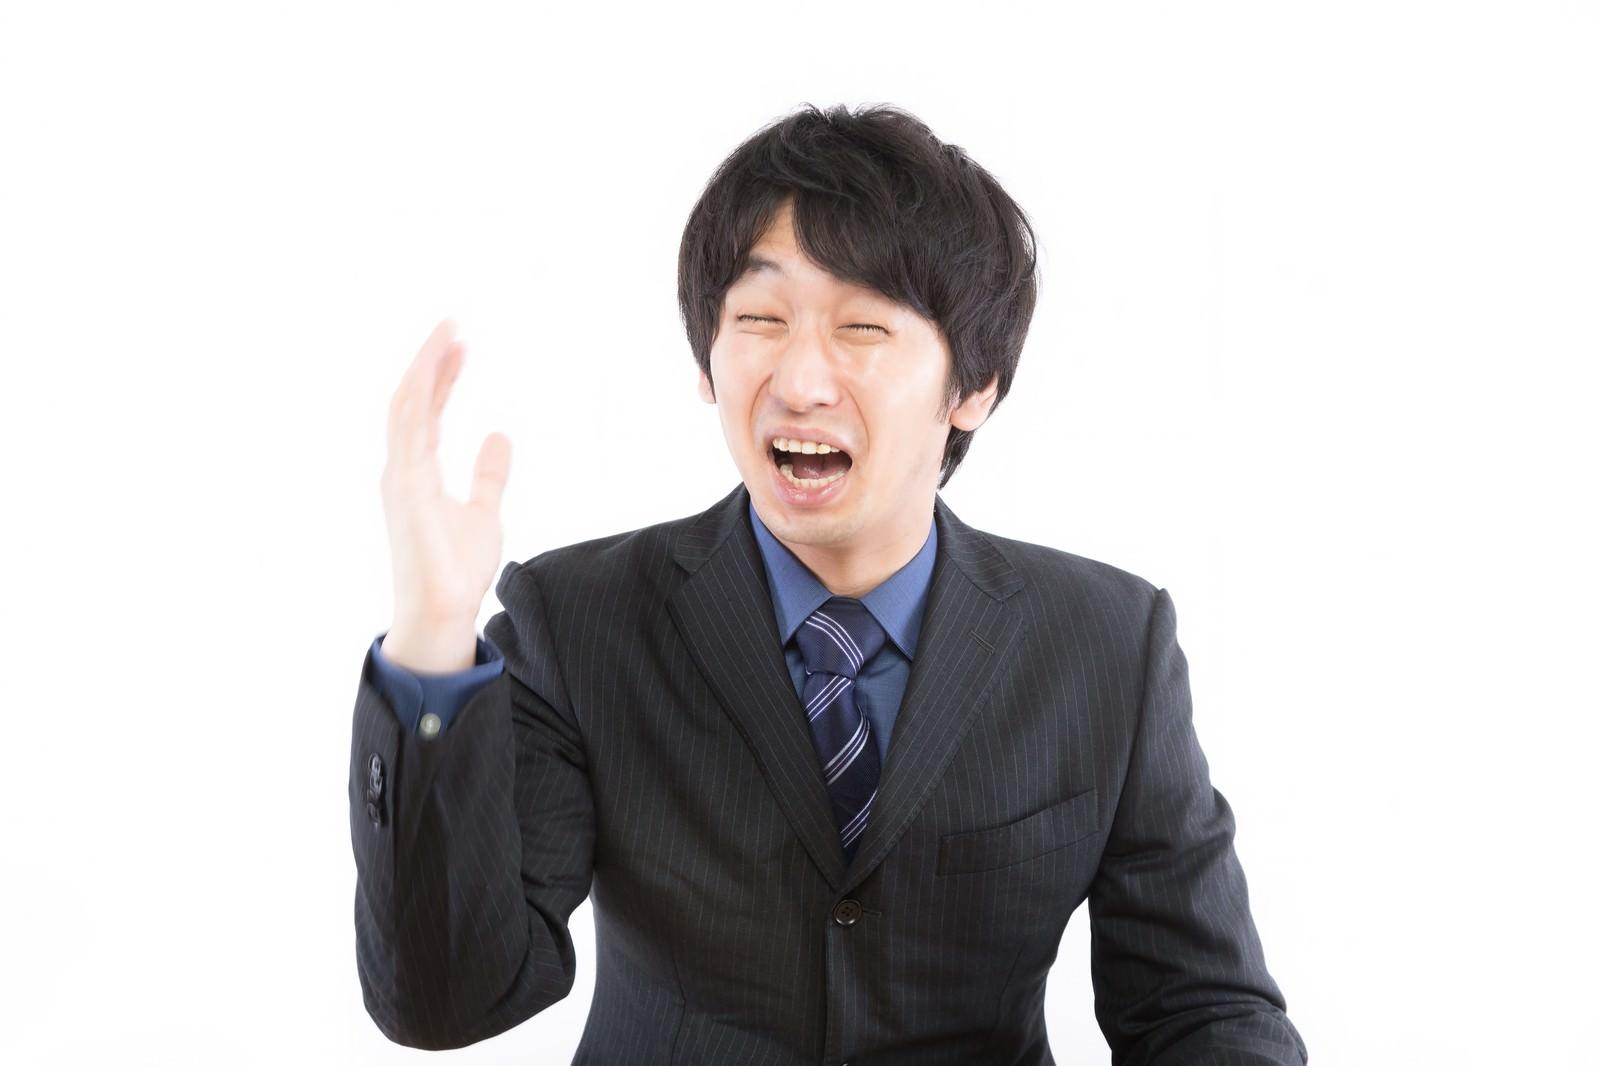 「泣きながら右手を挙げる男性」の写真[モデル:大川竜弥]